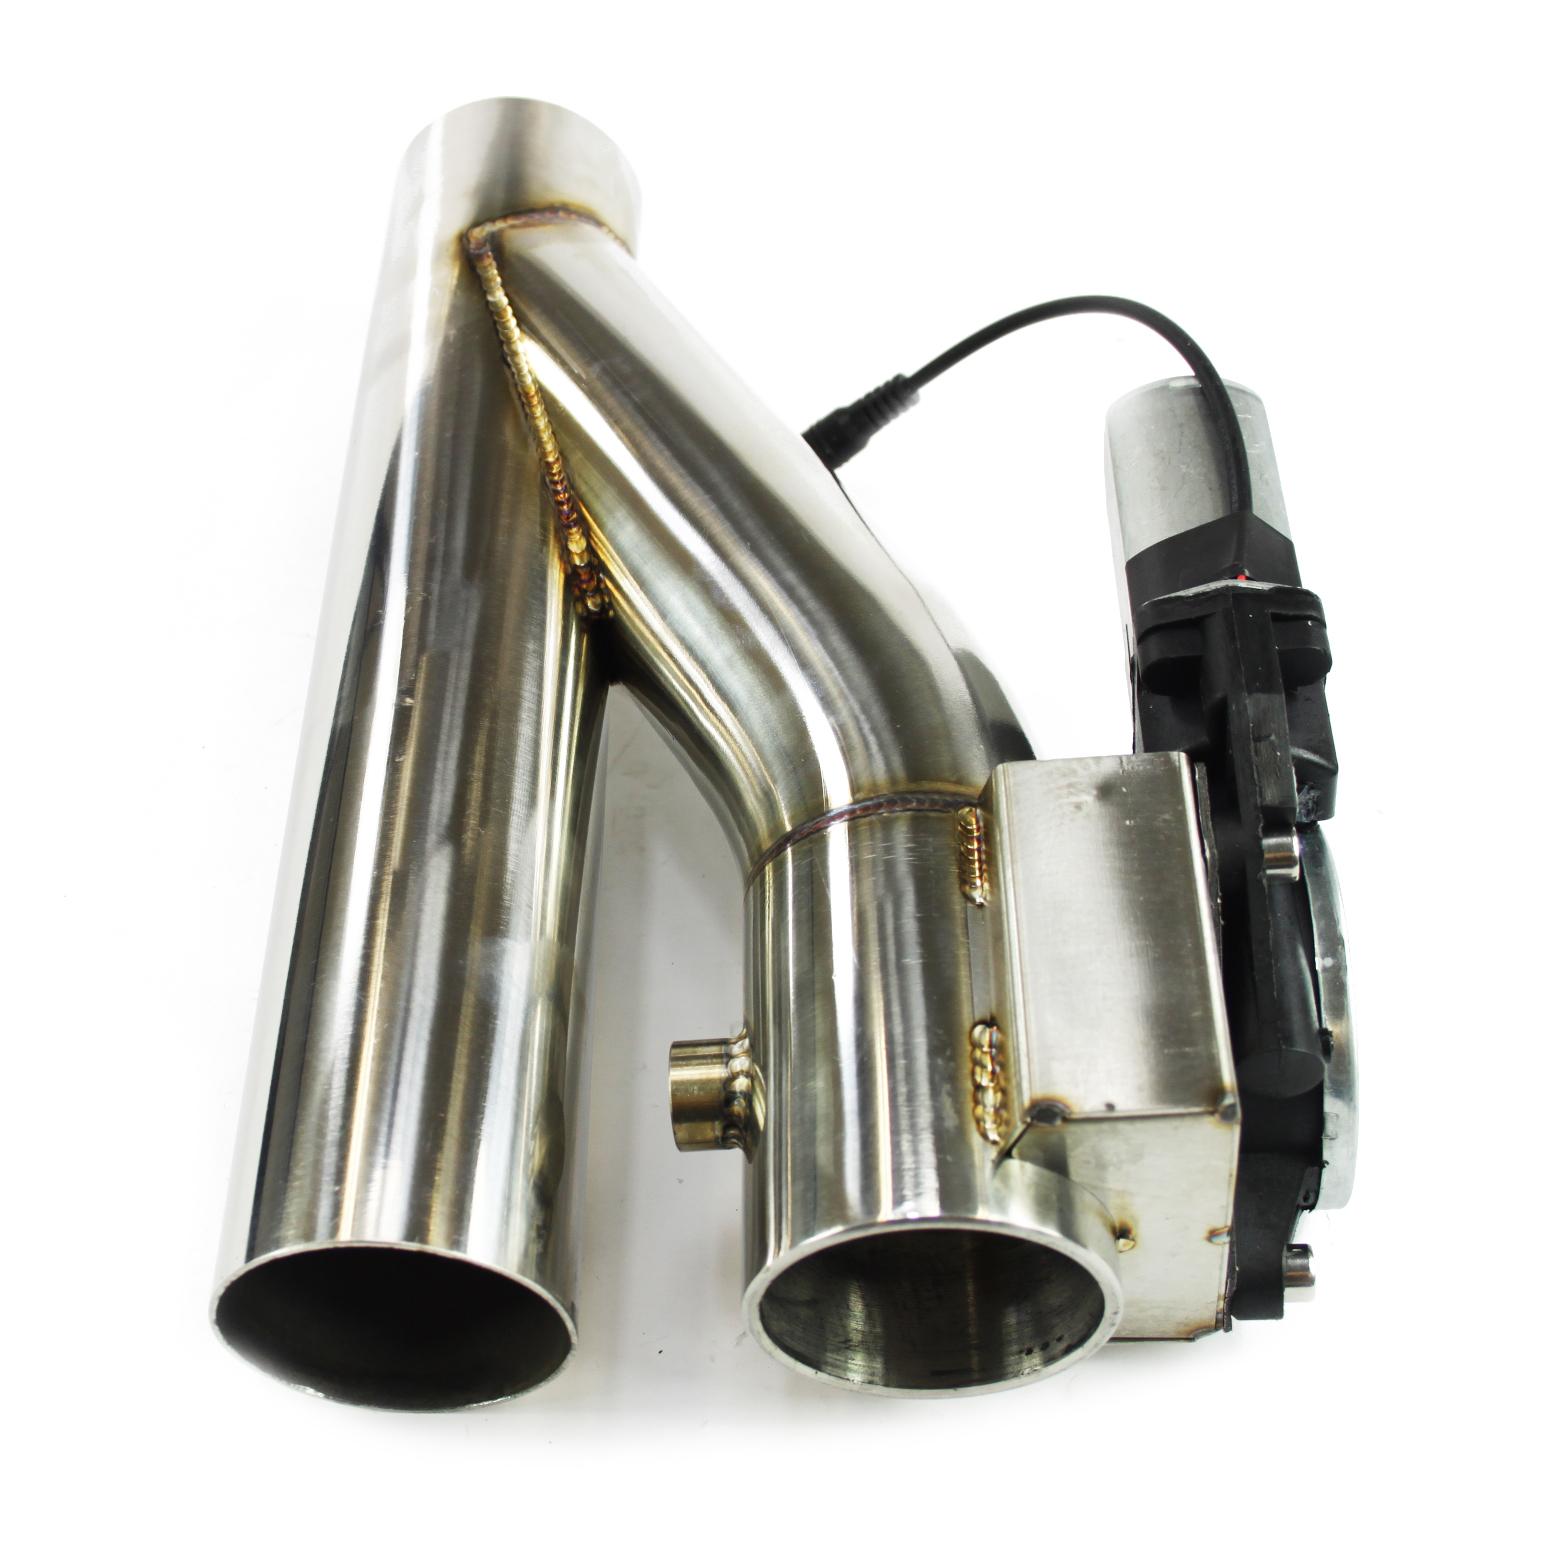 Klappenauspuff-System aus Edelstahl Y-Rohr, elektrisch inkl. Fernbedienung - 55mm Außendurchmesser